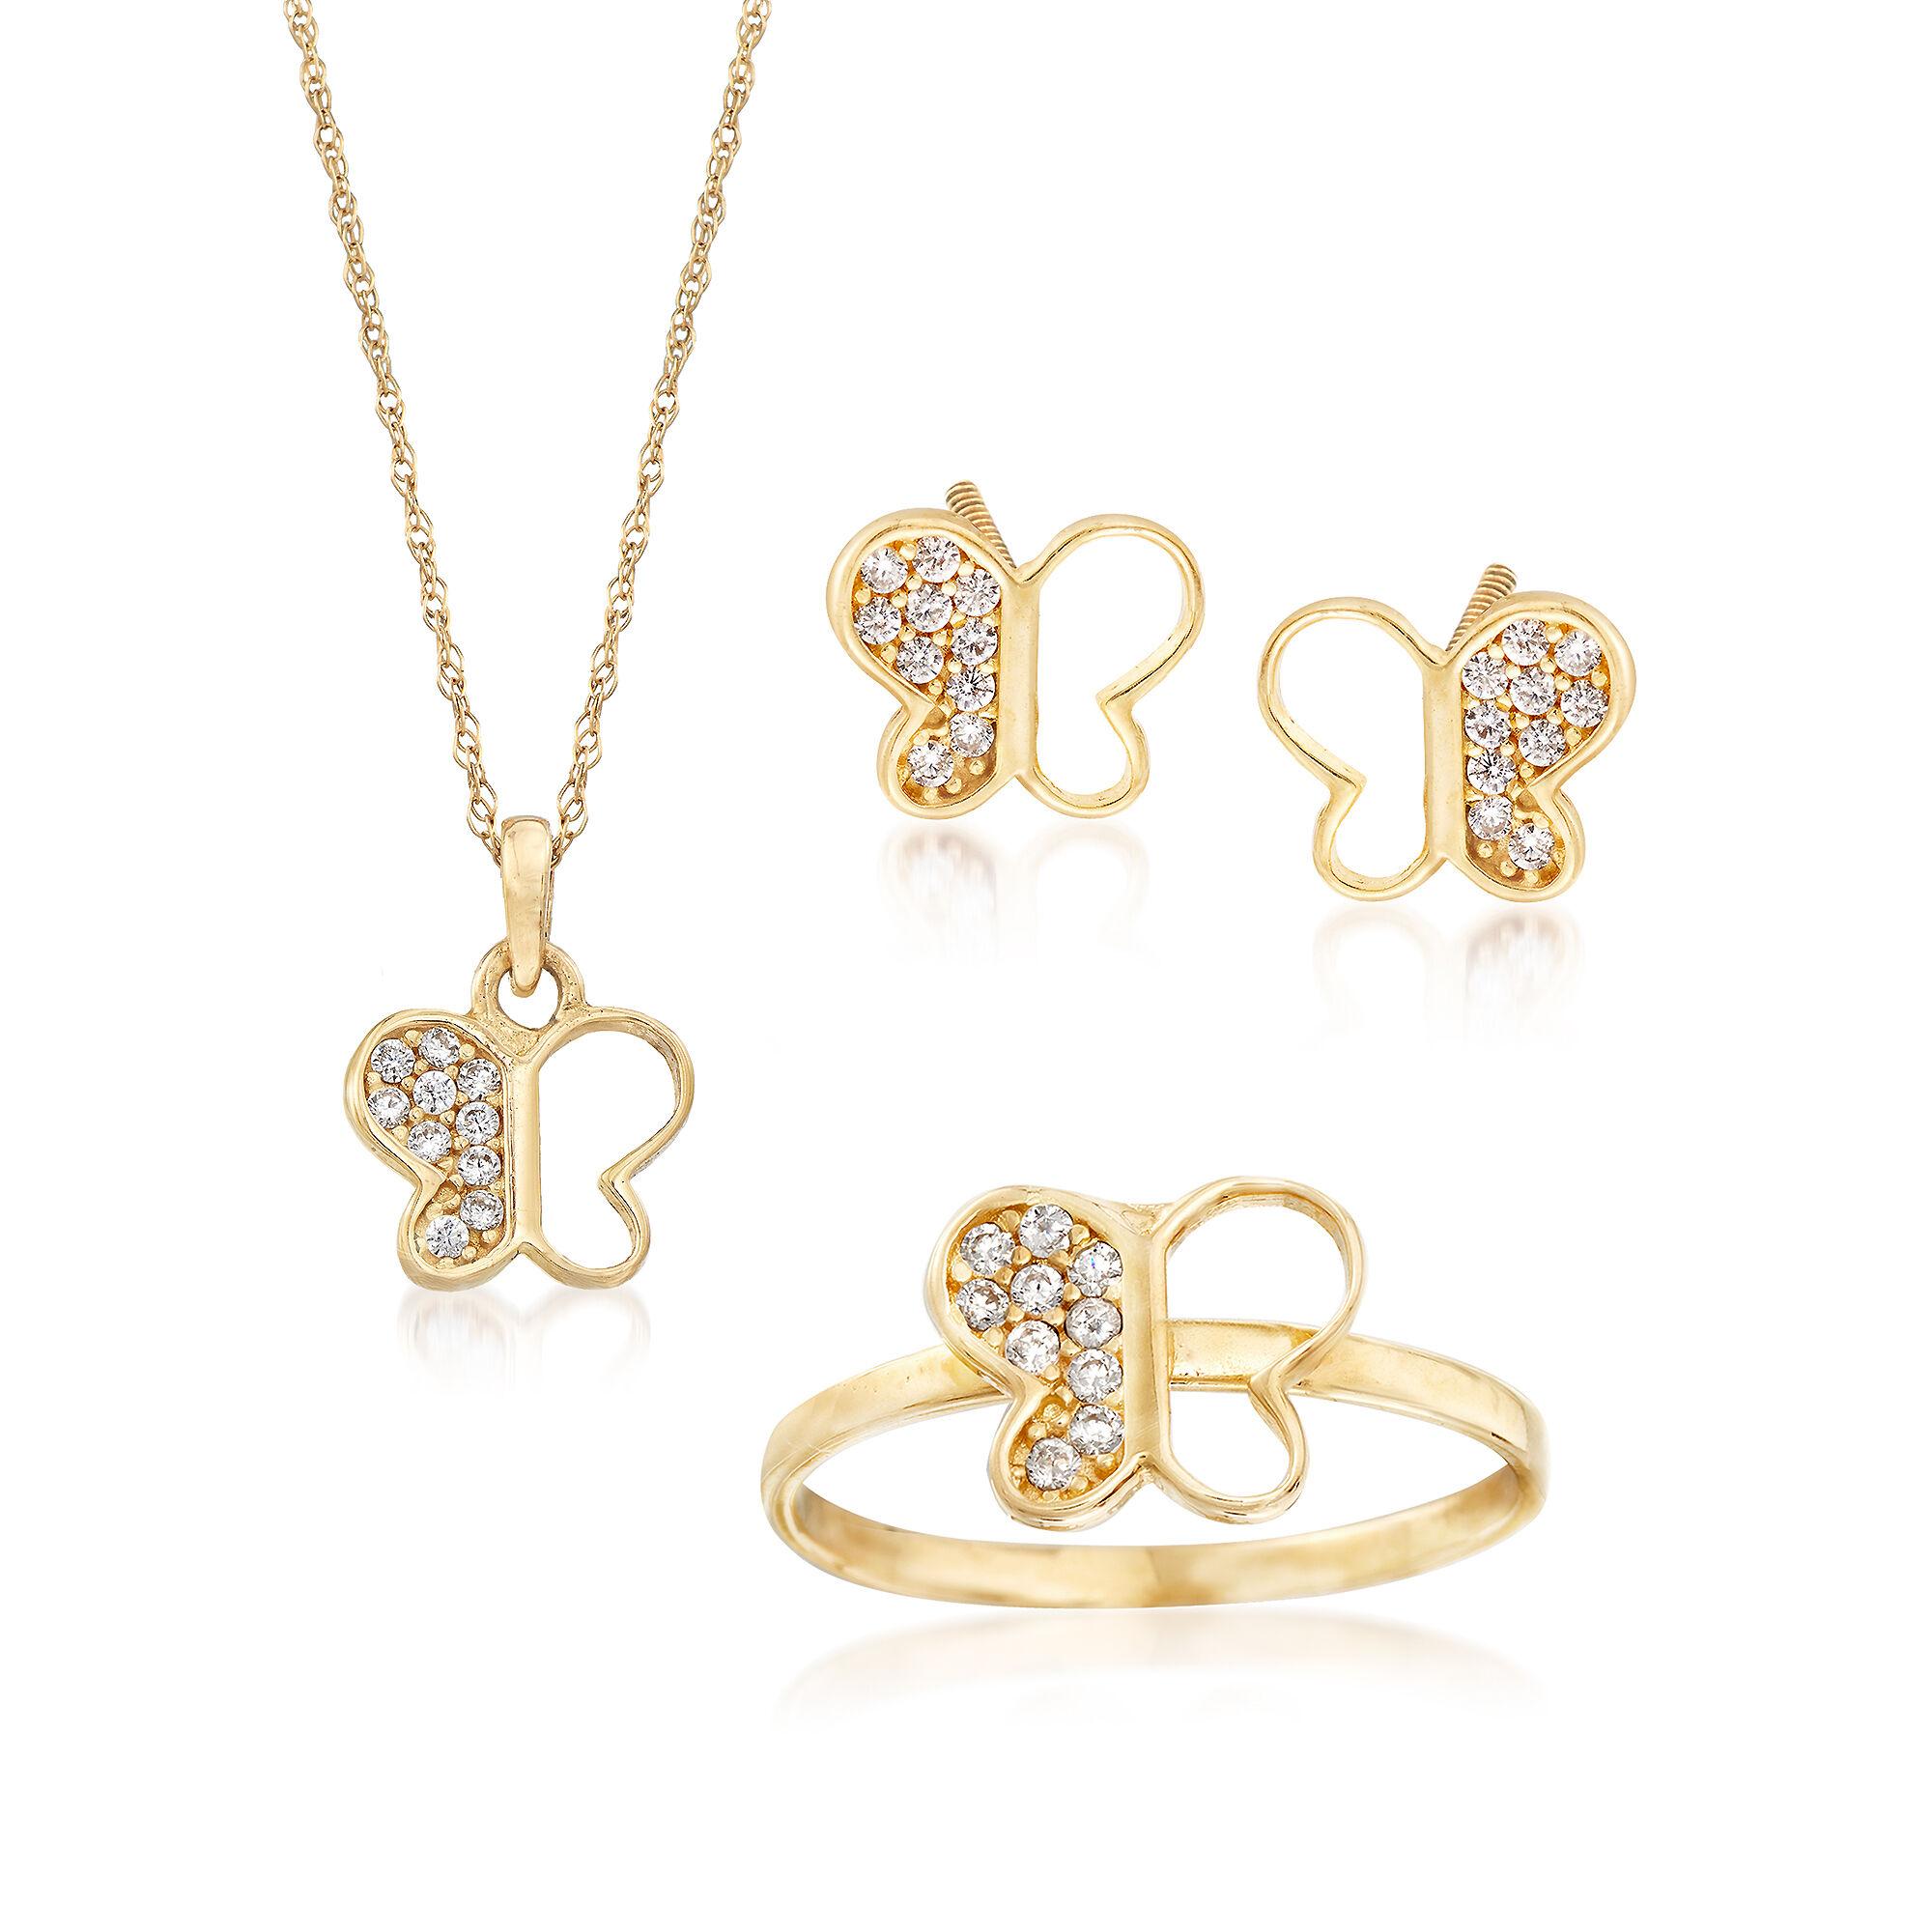 DiamondJewelryNY Stainless Gold Heavy Curb Chain